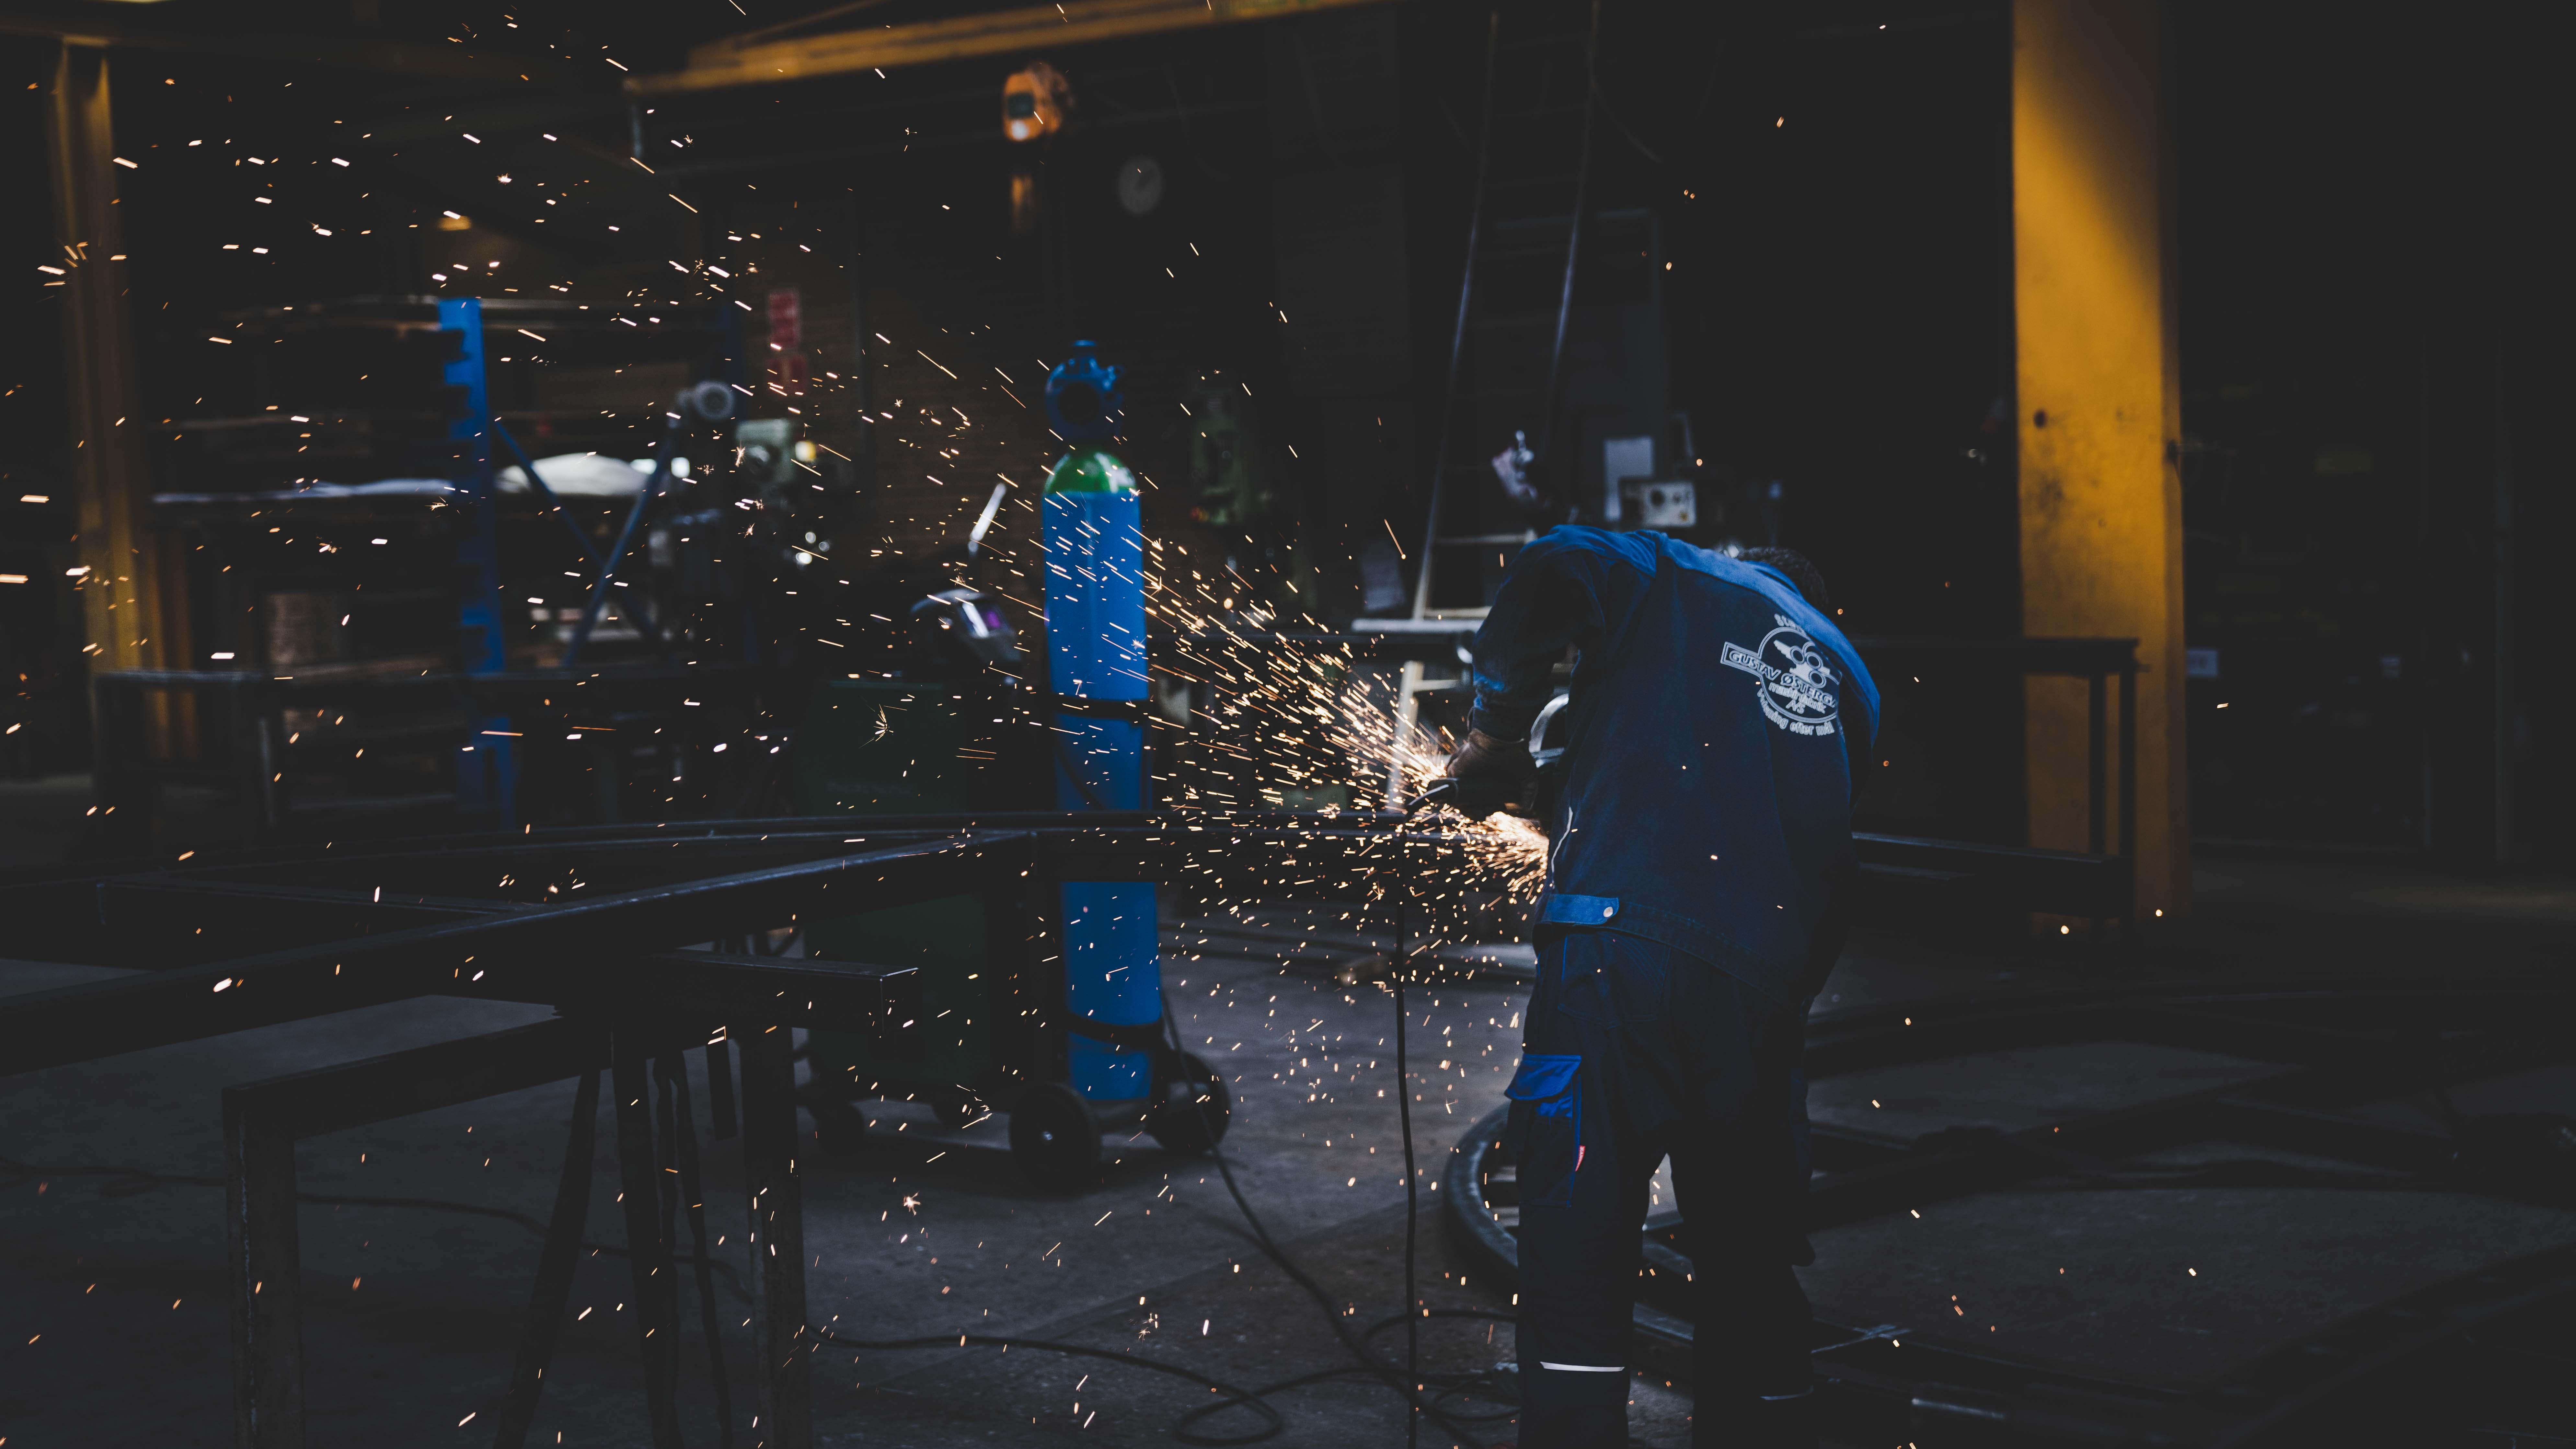 Arbejder som skære i metal